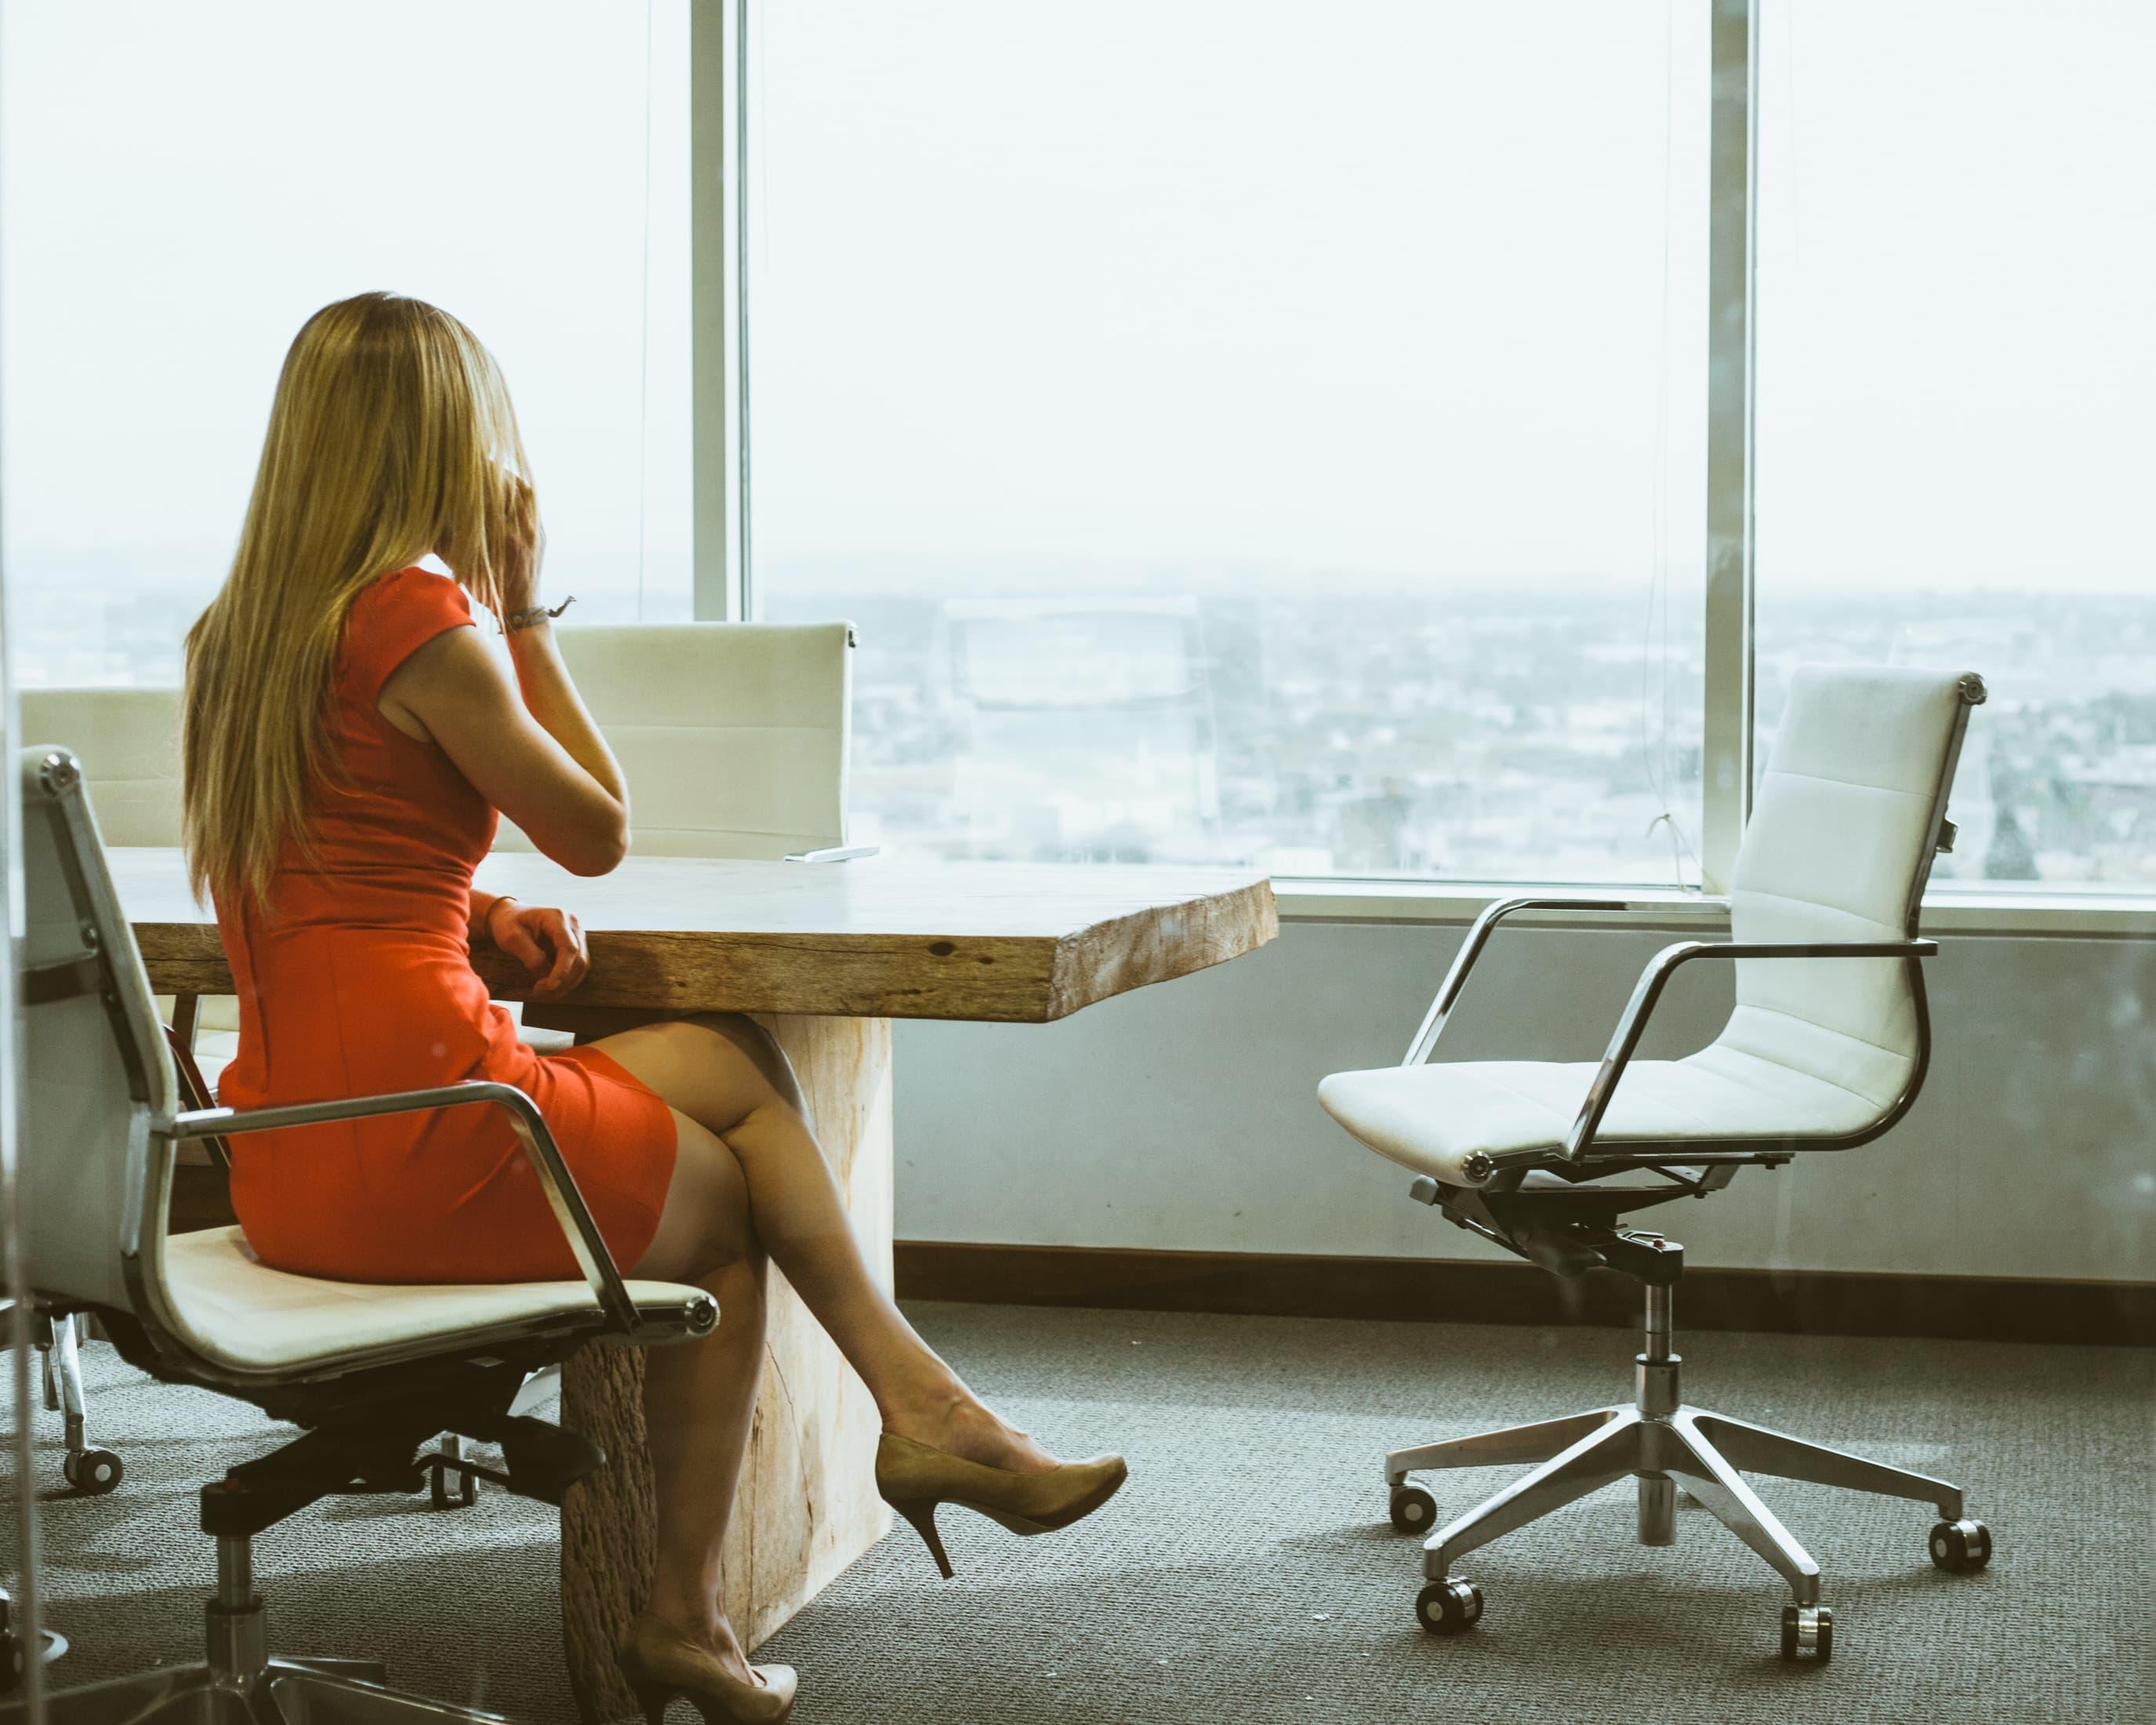 ハイスペックなキャリアウーマン女子の目の前が空席になっている画像